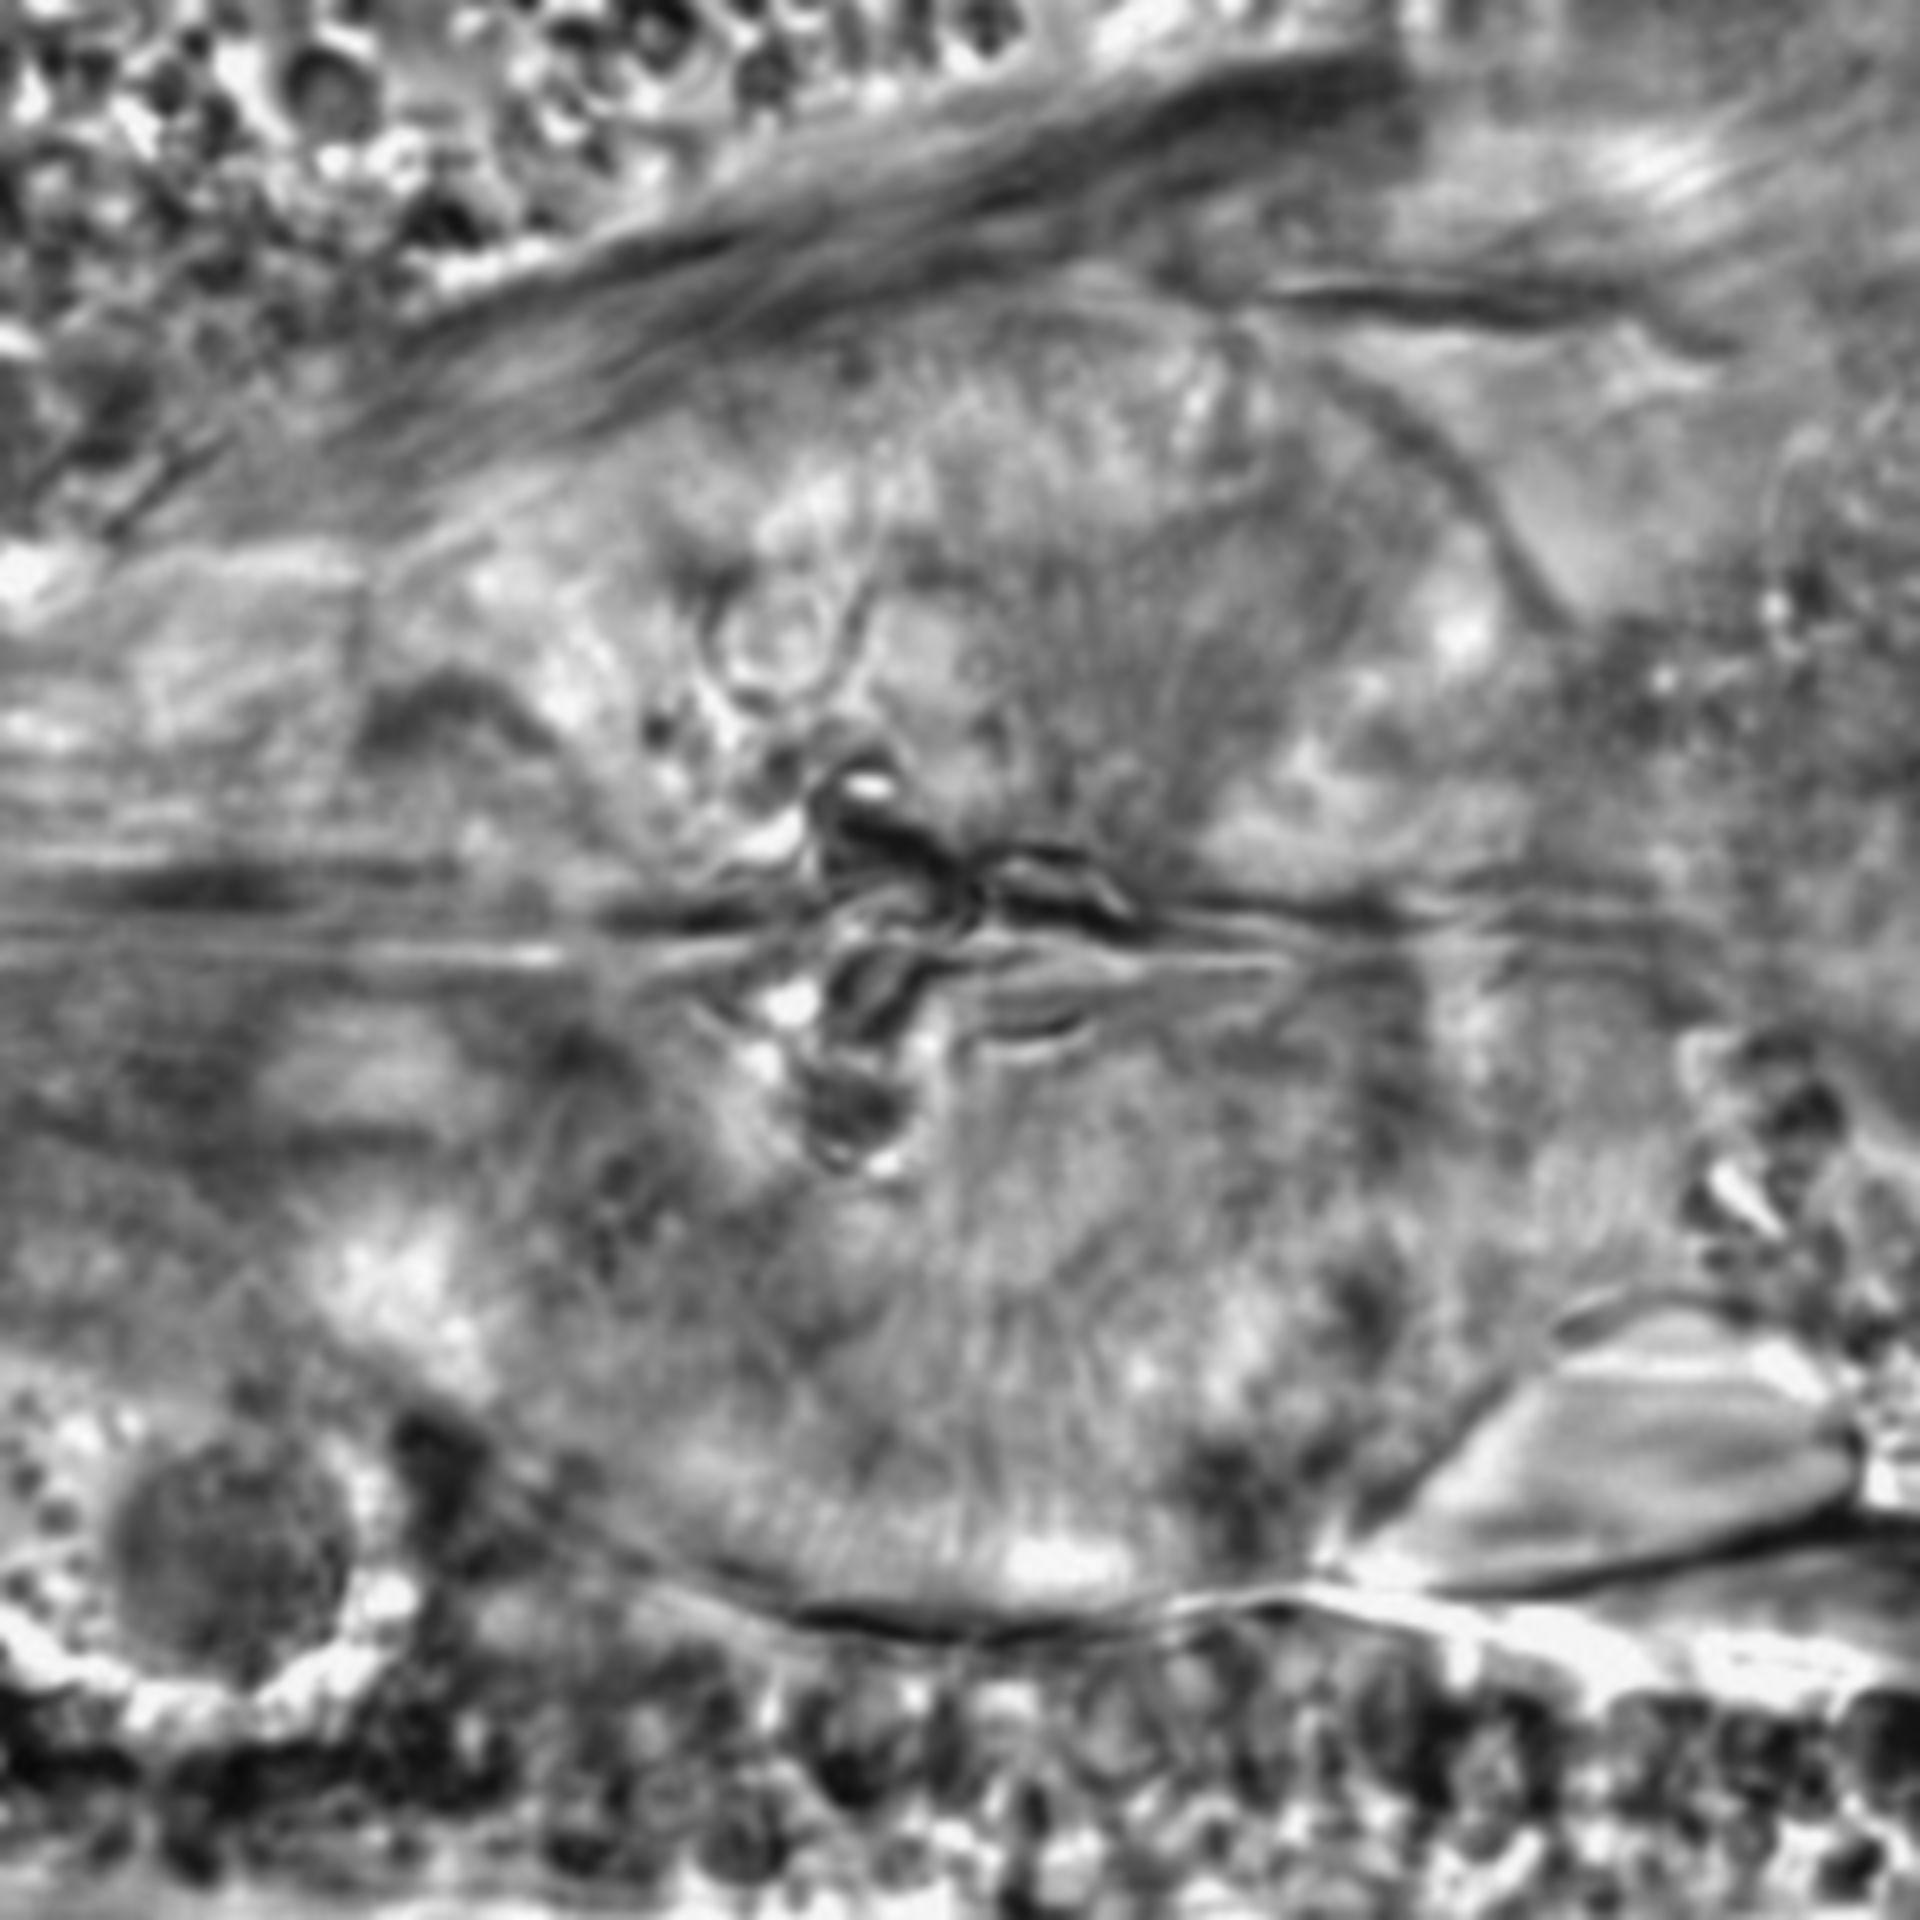 Caenorhabditis elegans - CIL:1795